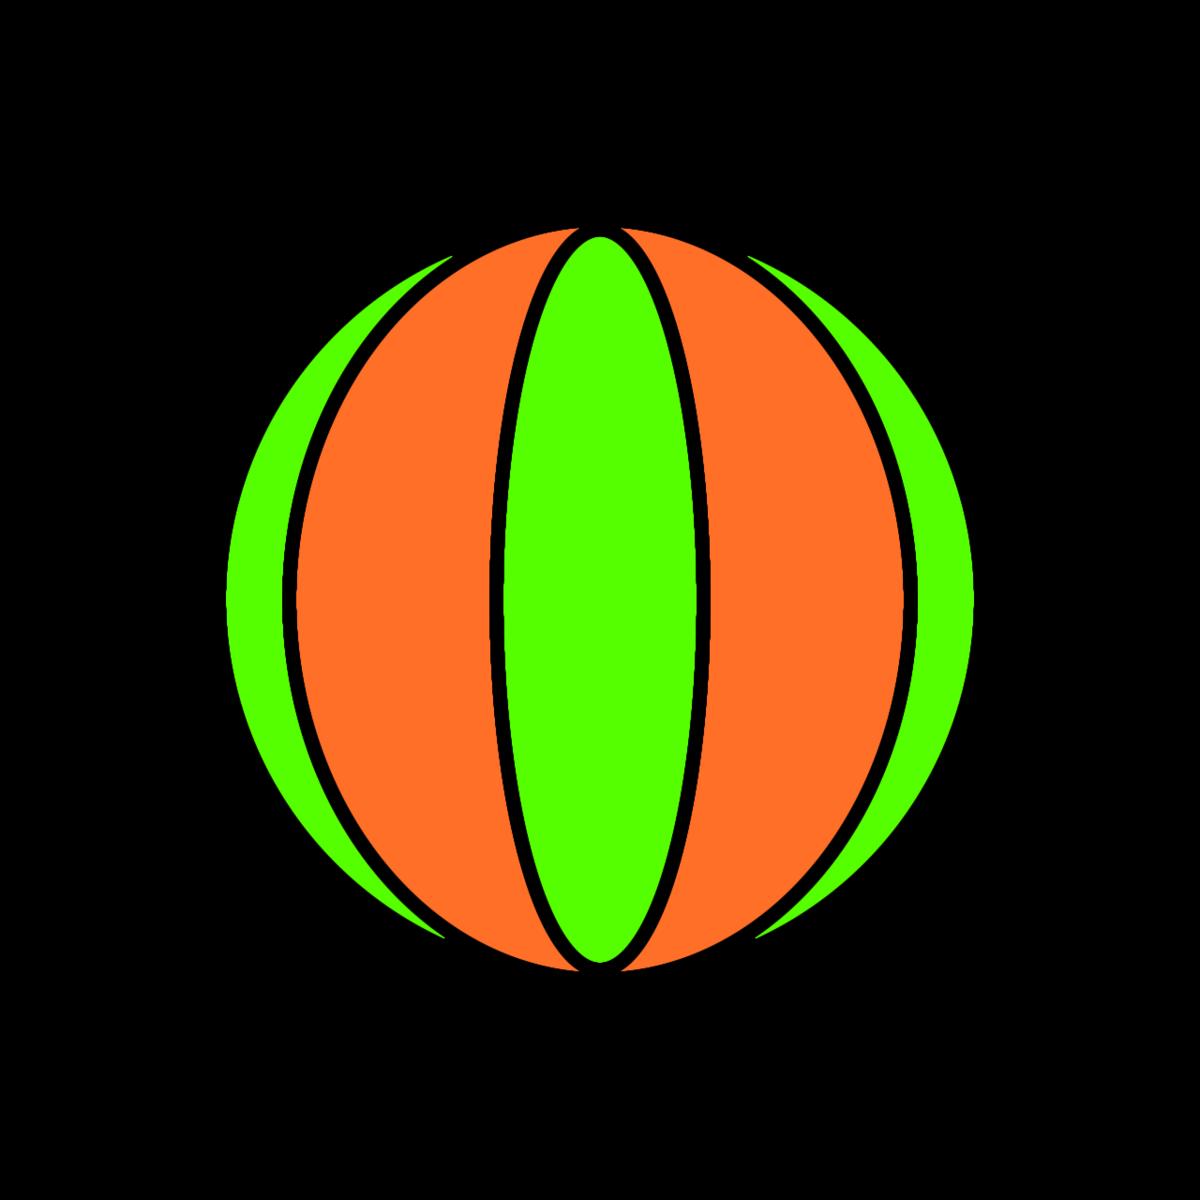 f:id:JuneNNN:20210714123028p:plain